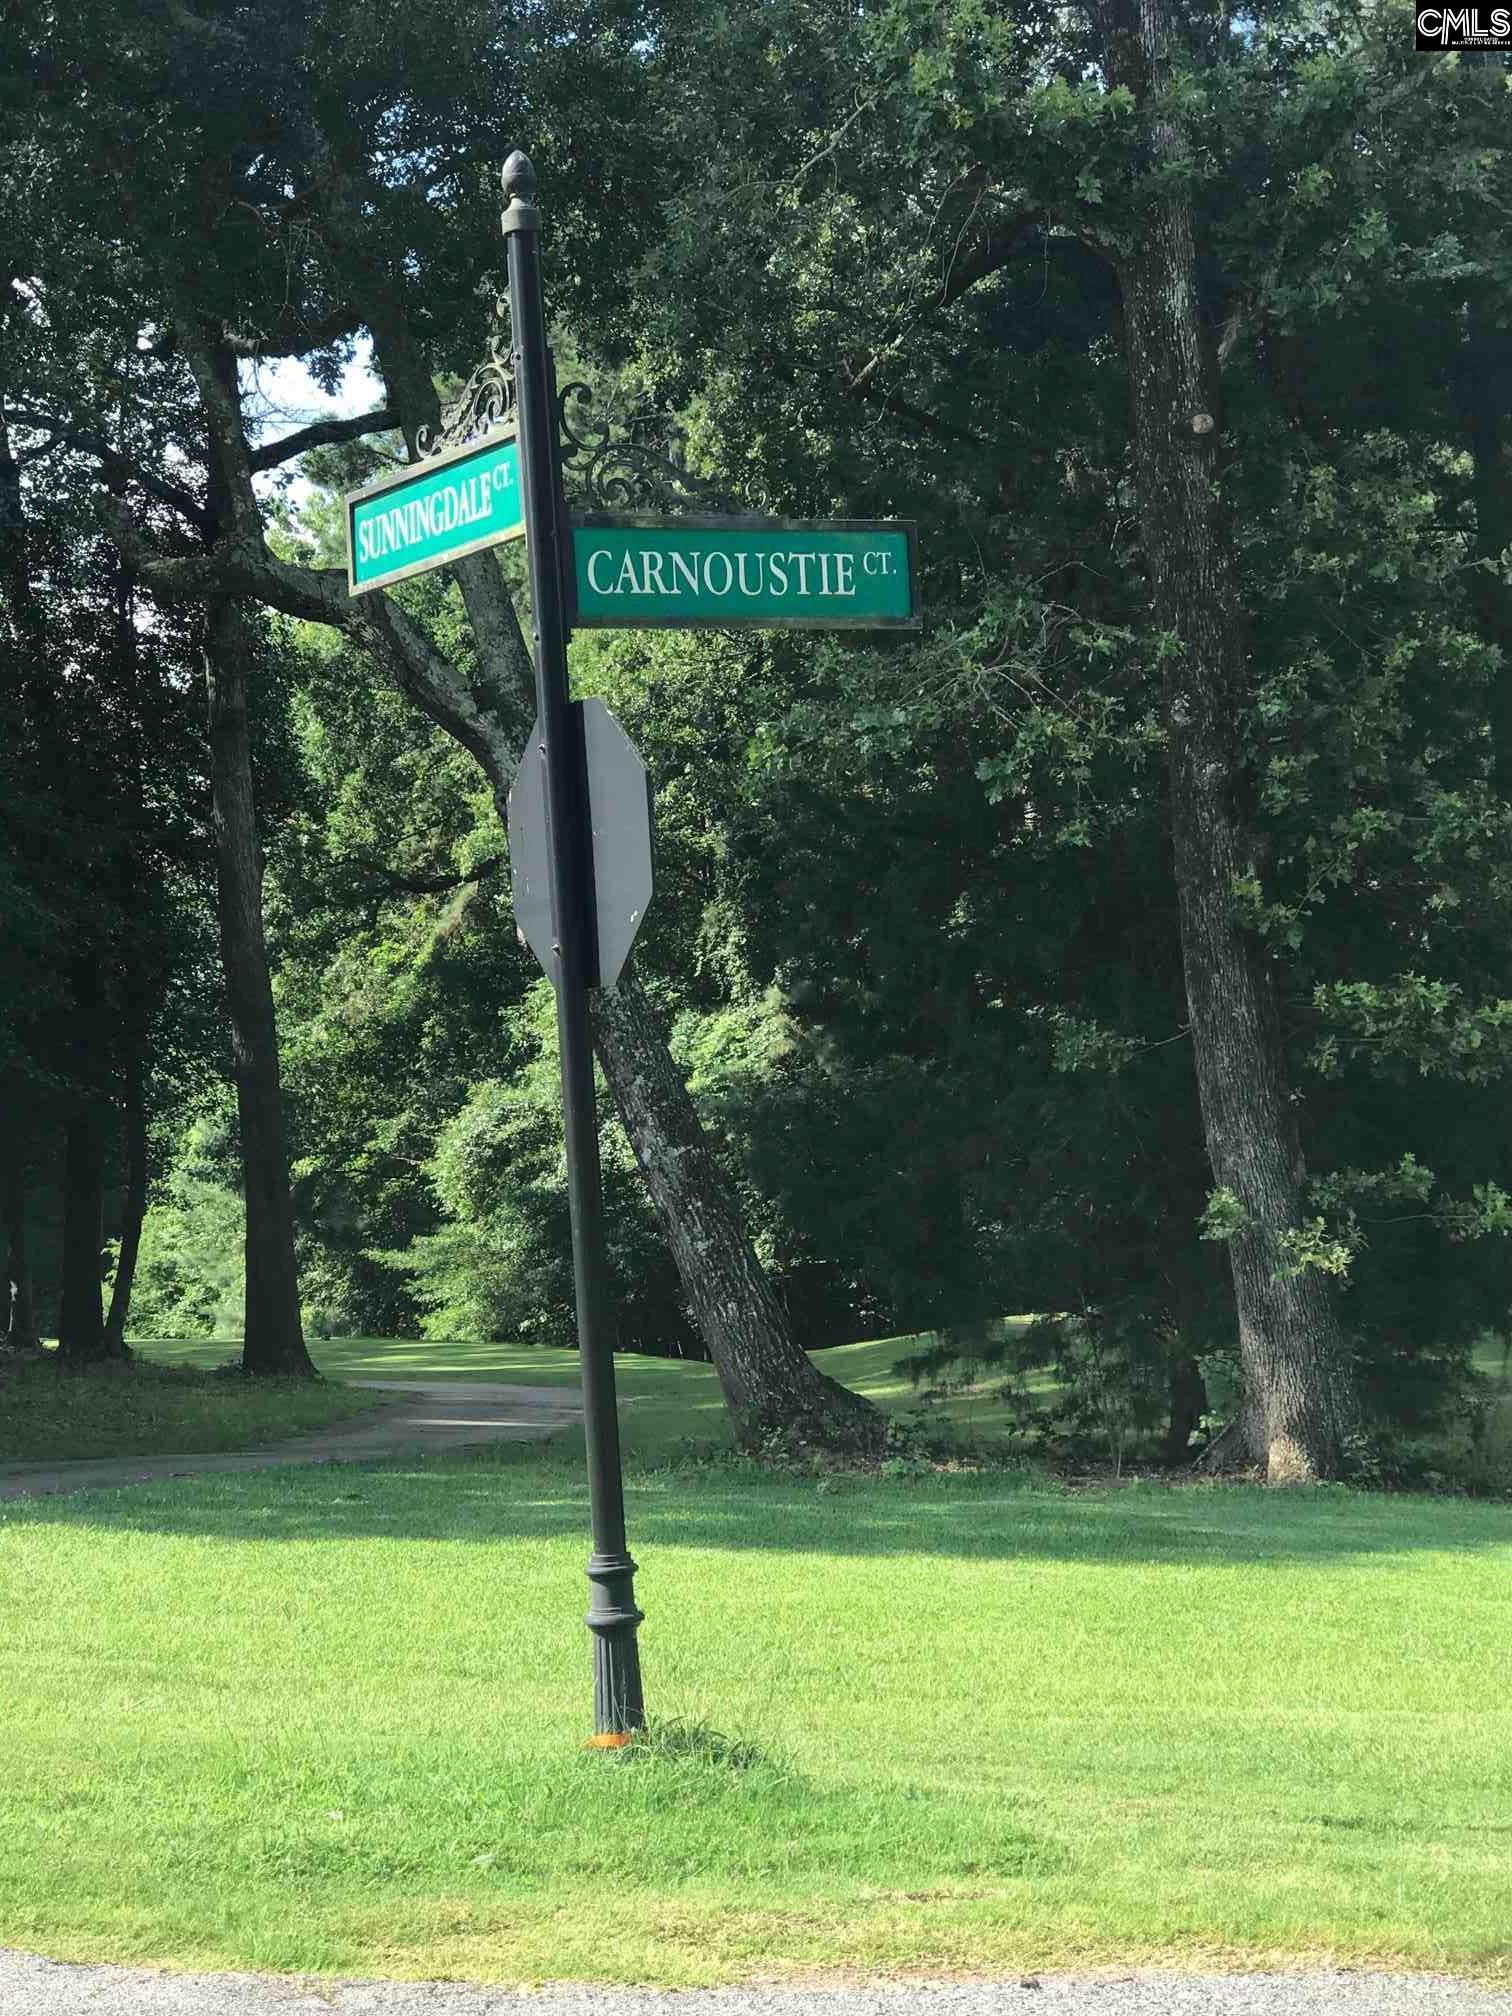 213 Carnouste Court Lexington, SC 29072